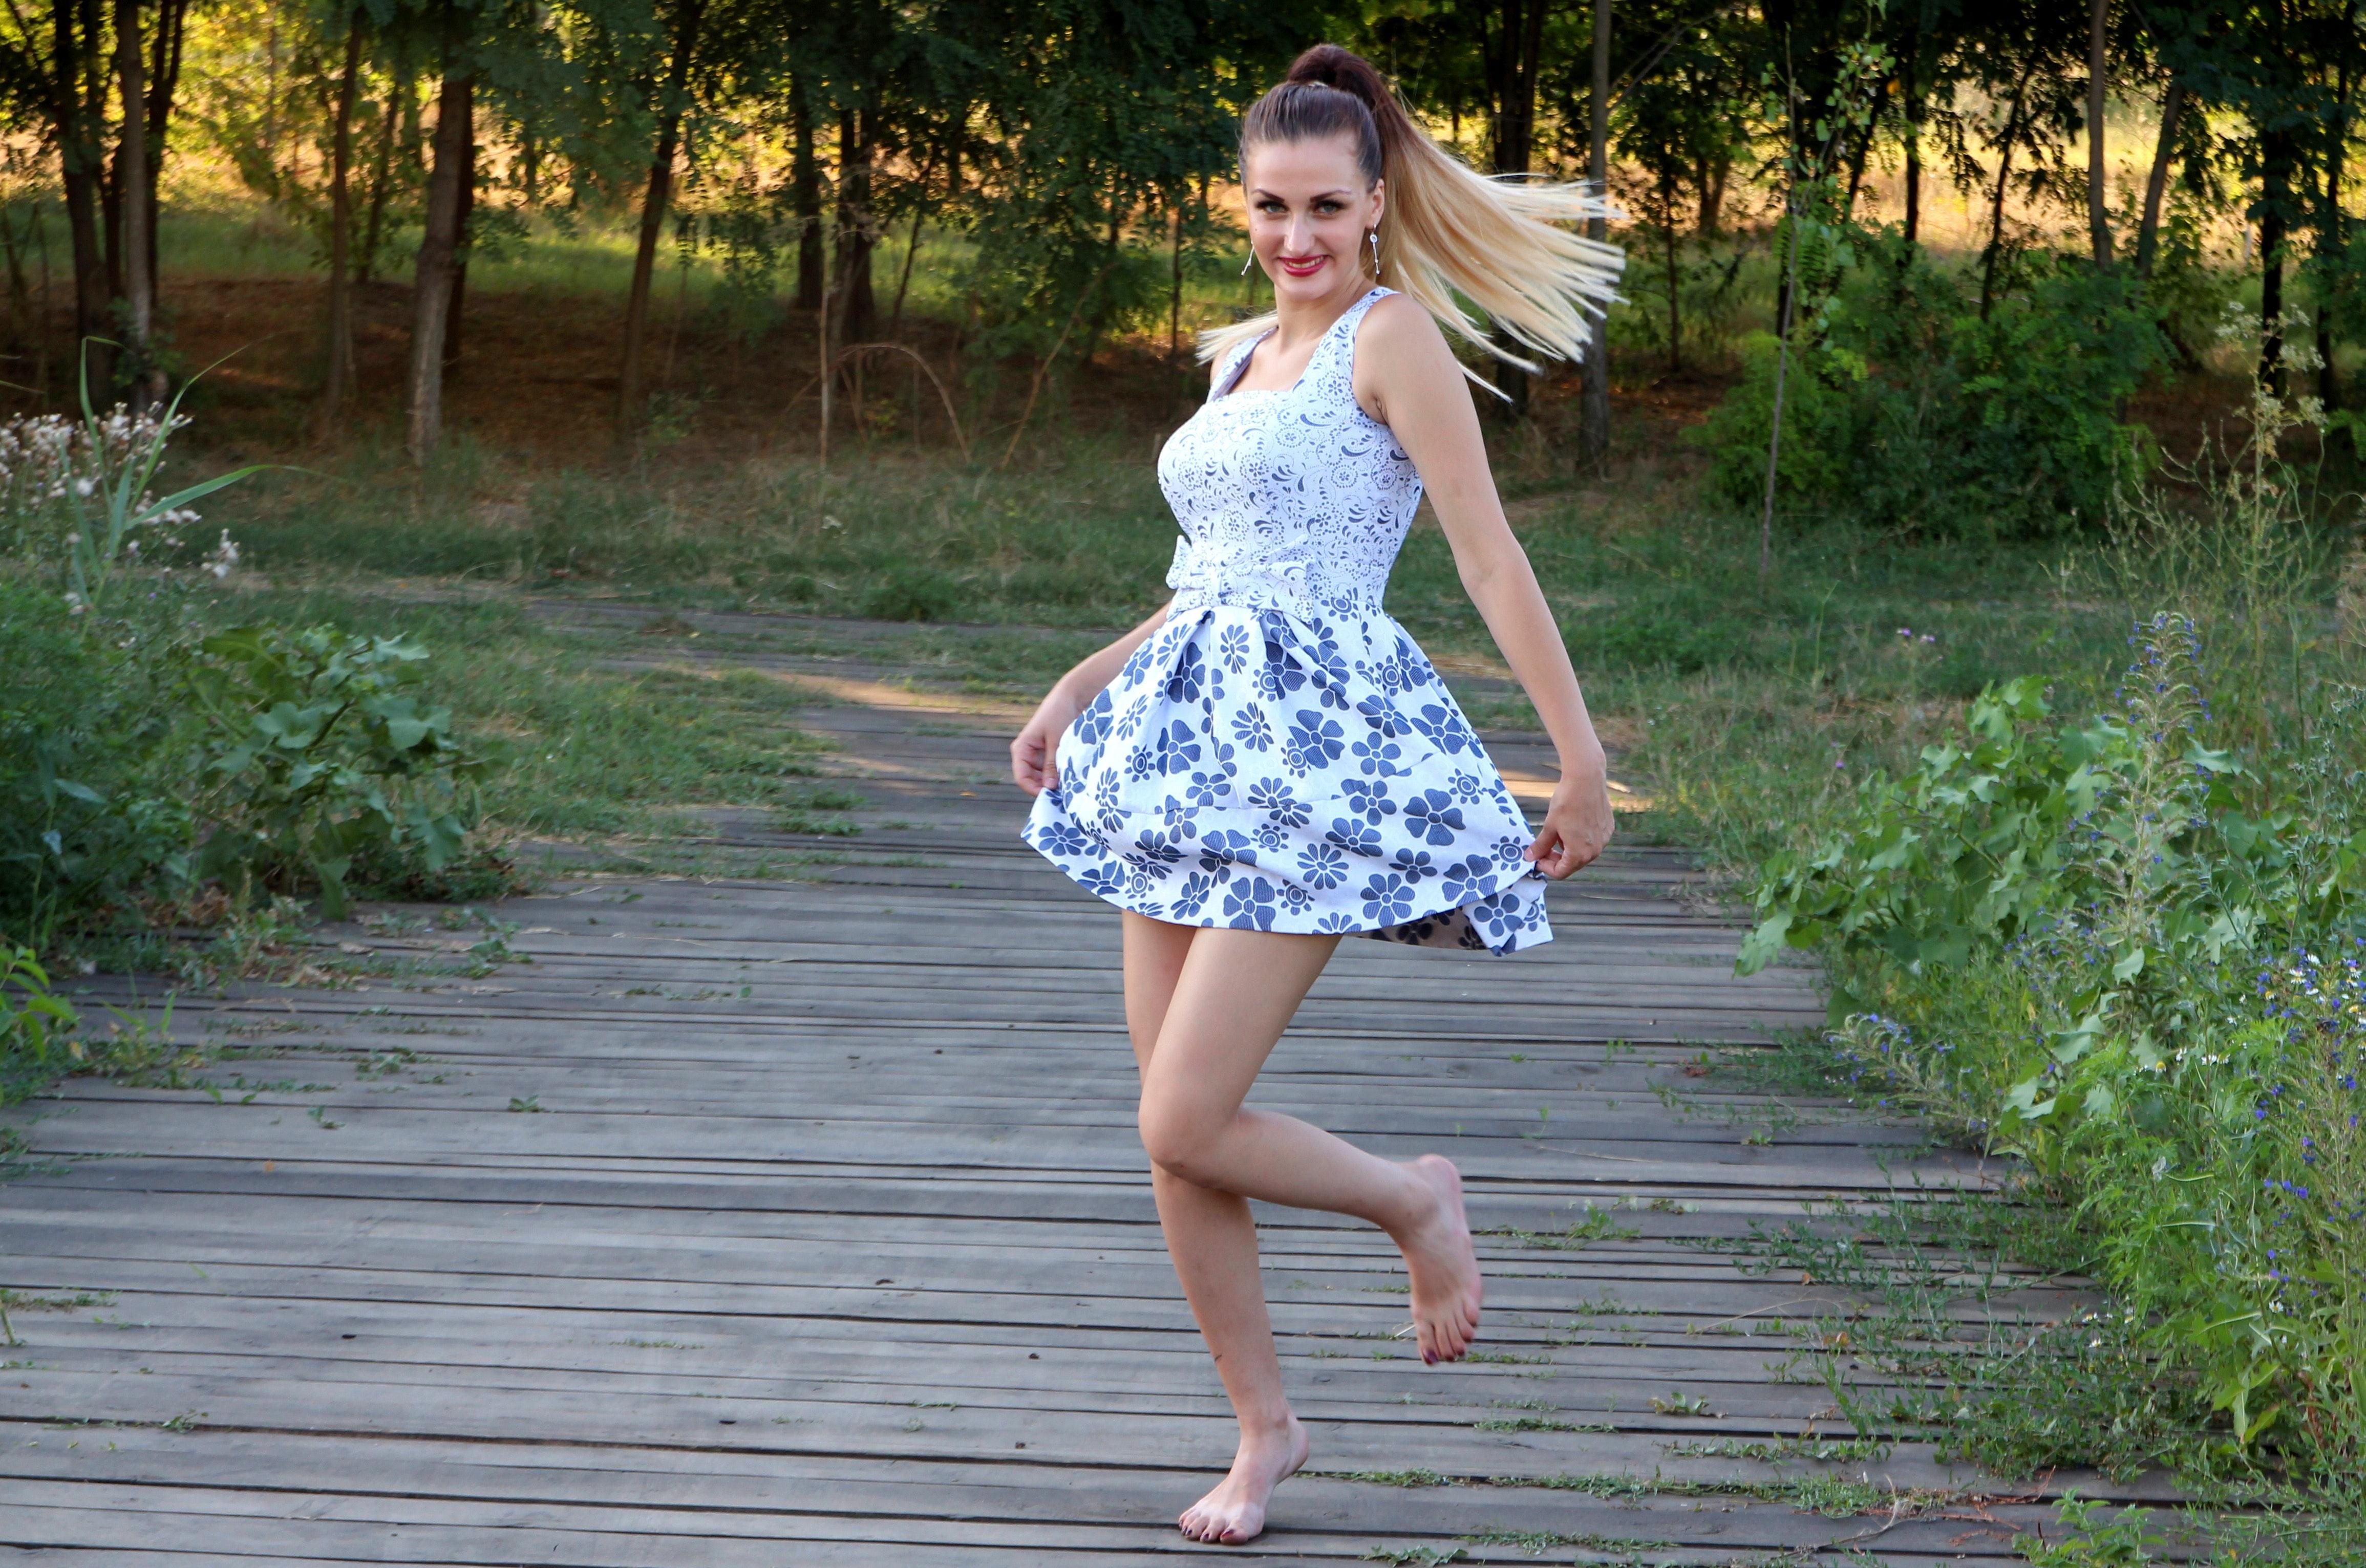 På udkig efter en Tif Tiffy cardigan eller en Bitte Kai Rand kjole? Så besøg Mimi de Paris